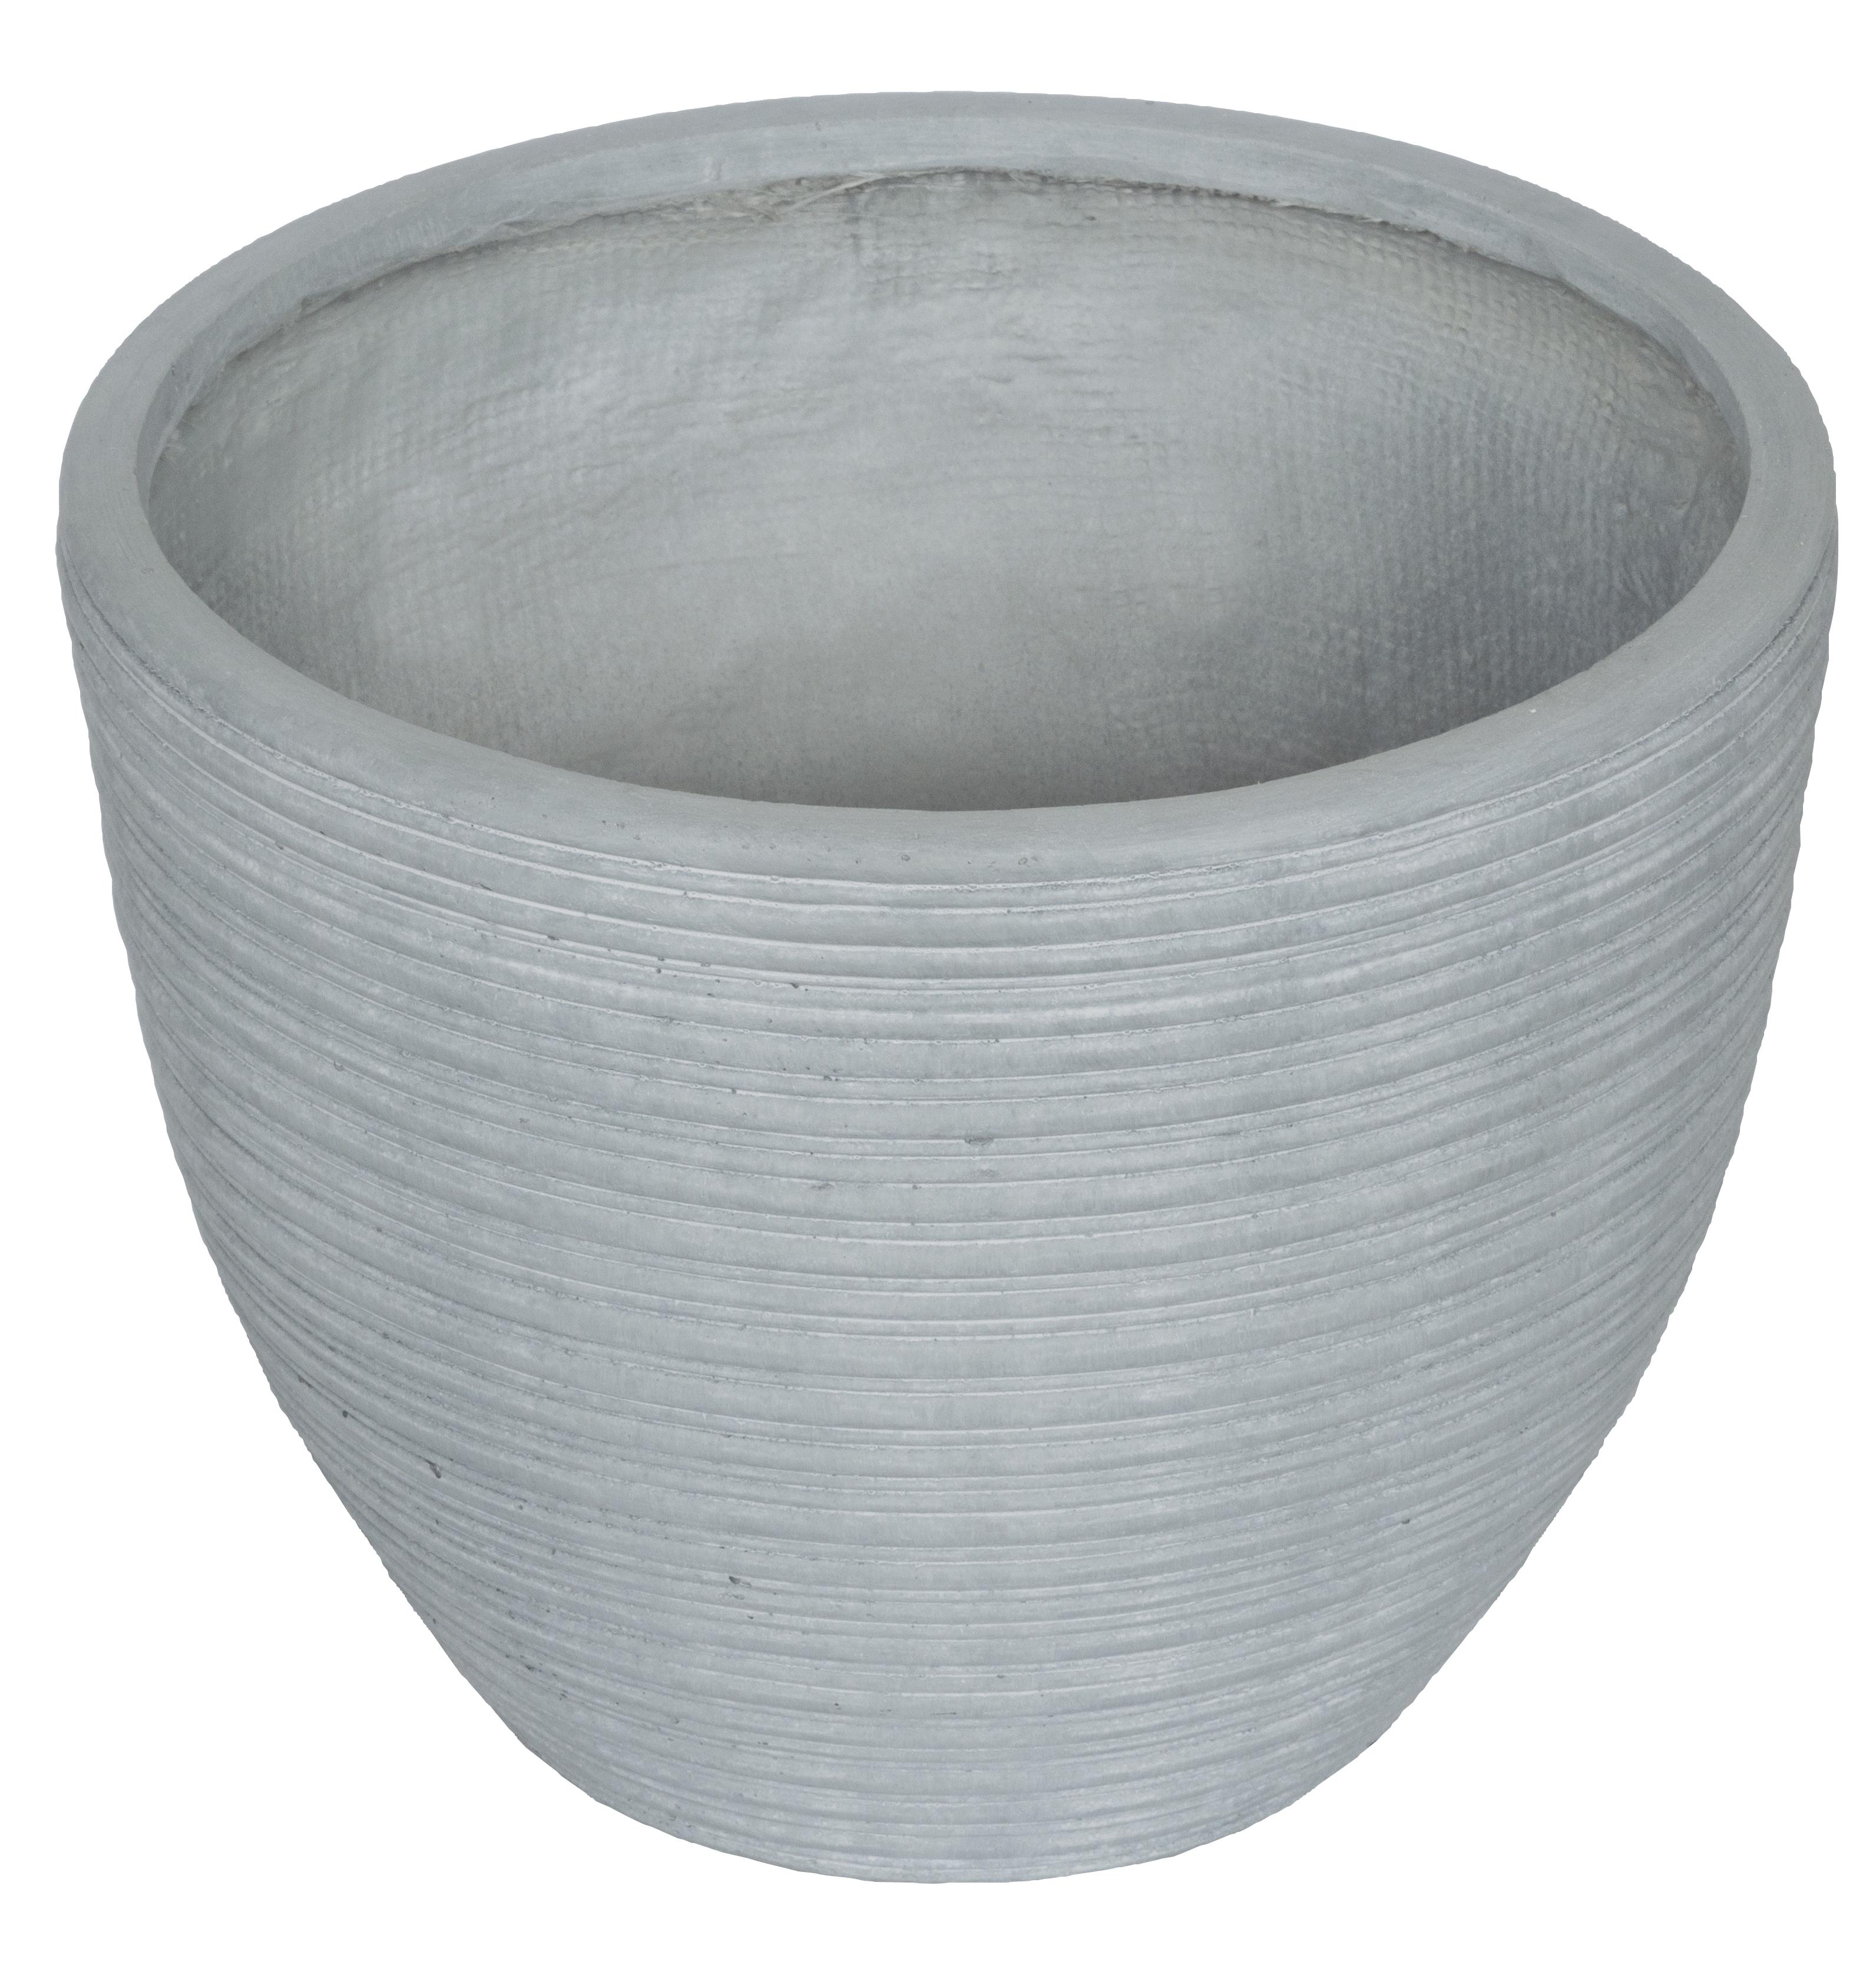 Květináč G21 Stone Ring 38 cm